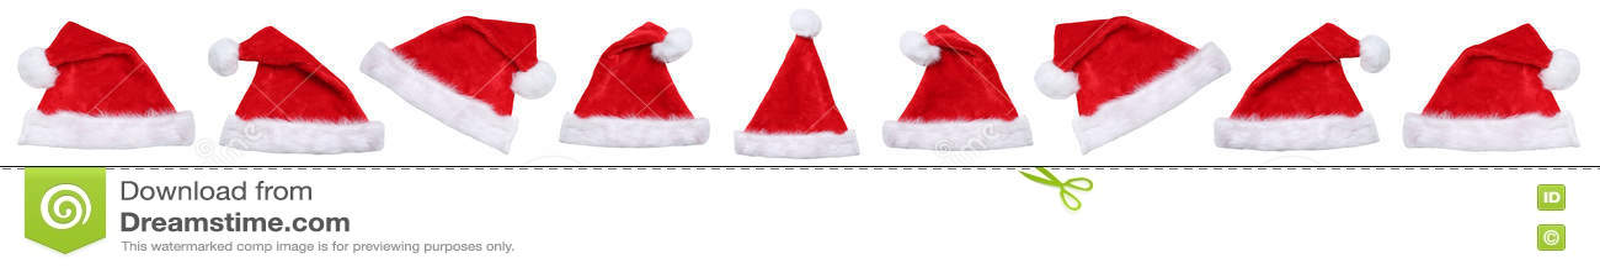 Sombreros del sombrero de Santa Claus el invierno de la Navidad en fila aislados